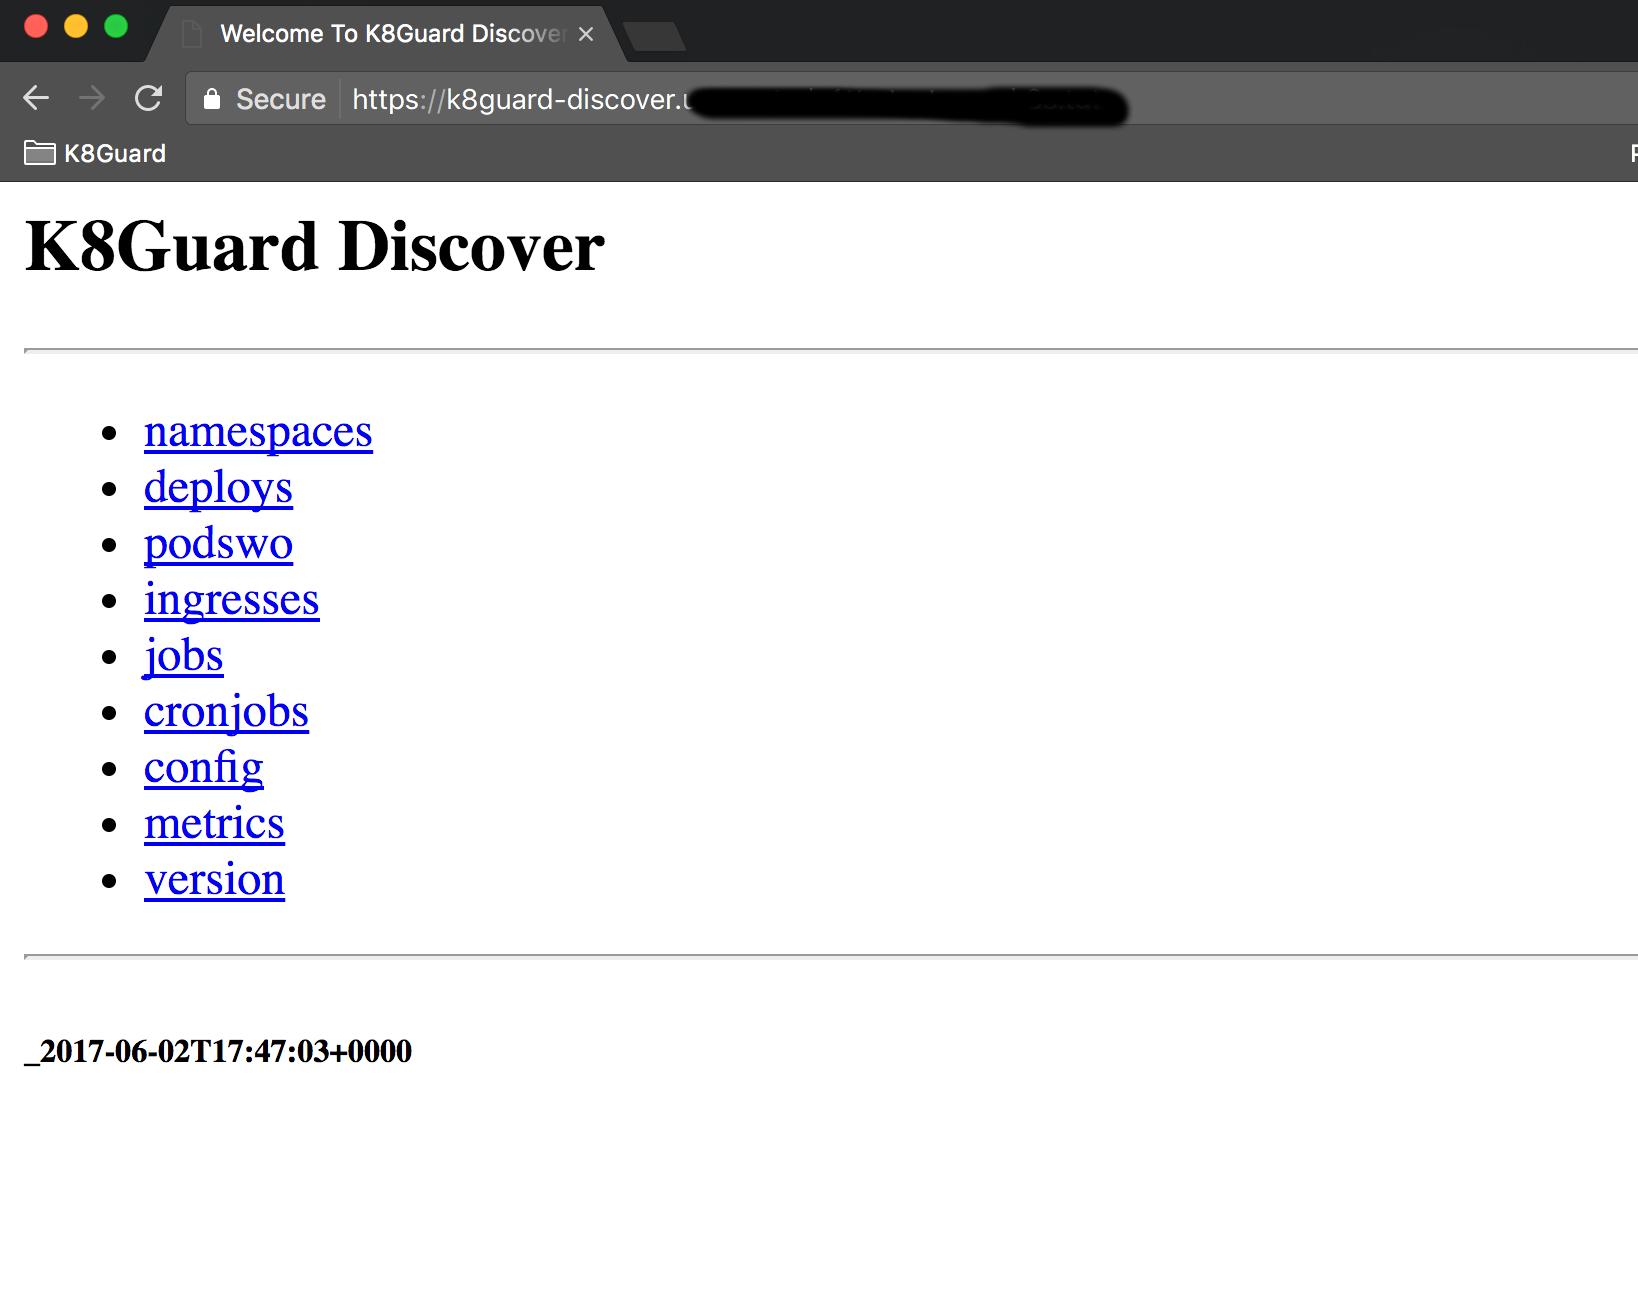 K8Guard Discover API